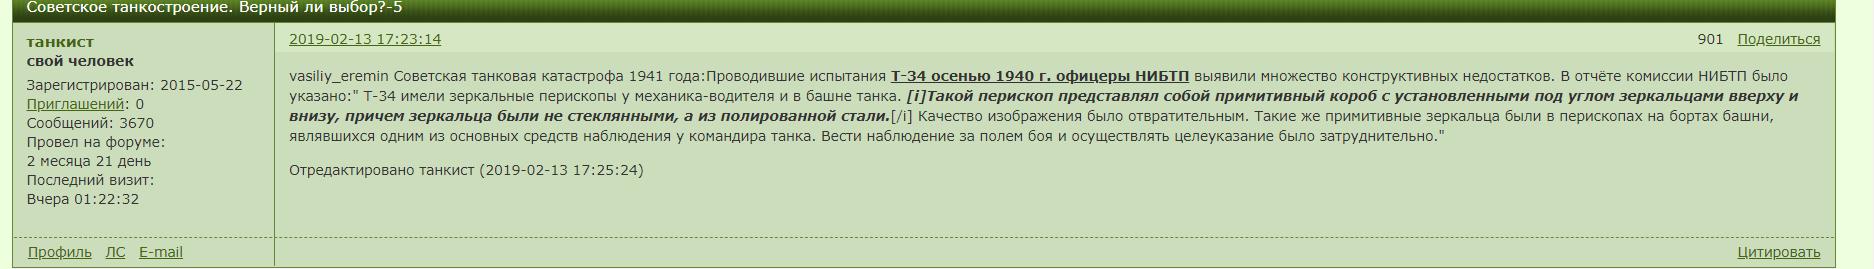 https://images.vfl.ru/ii/1550471090/d9fbca37/25442045.png